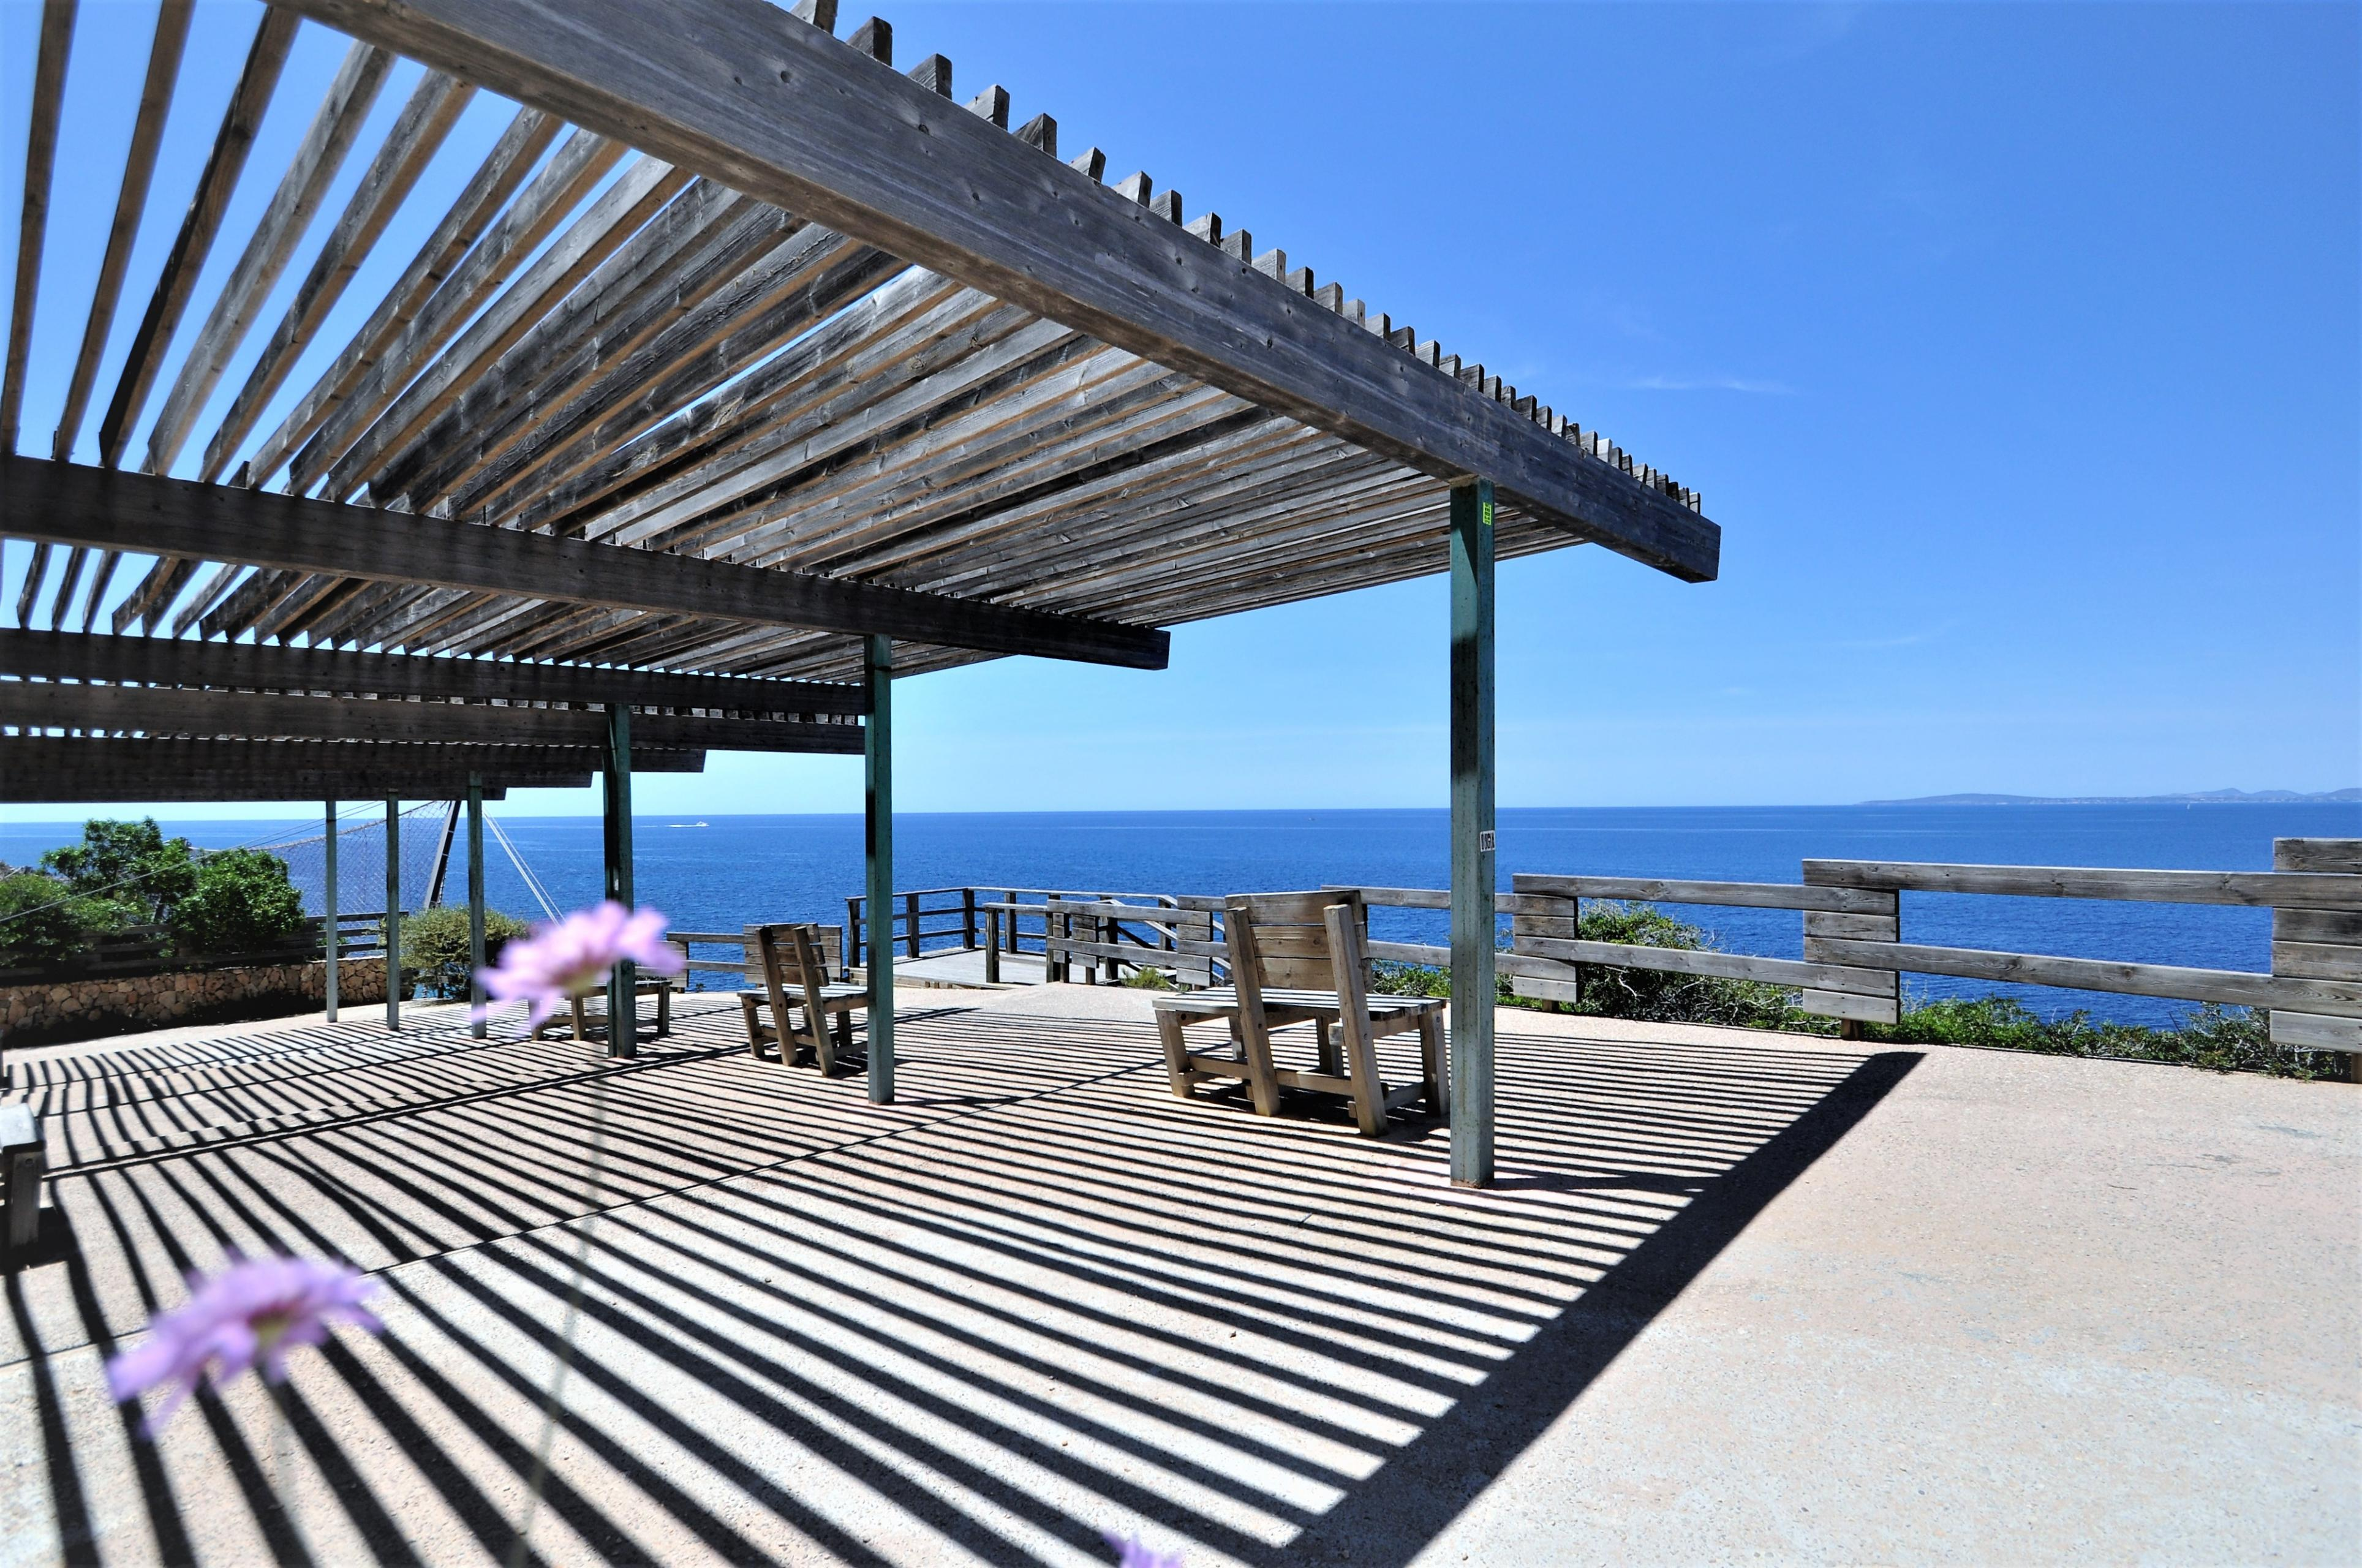 Maison de vacances VILLA BAY BLUE- Bahia Azul- Mallorca - VILLAONLINE - Kostenloses WLAN (2684052), Bahia Azul, Majorque, Iles Baléares, Espagne, image 59